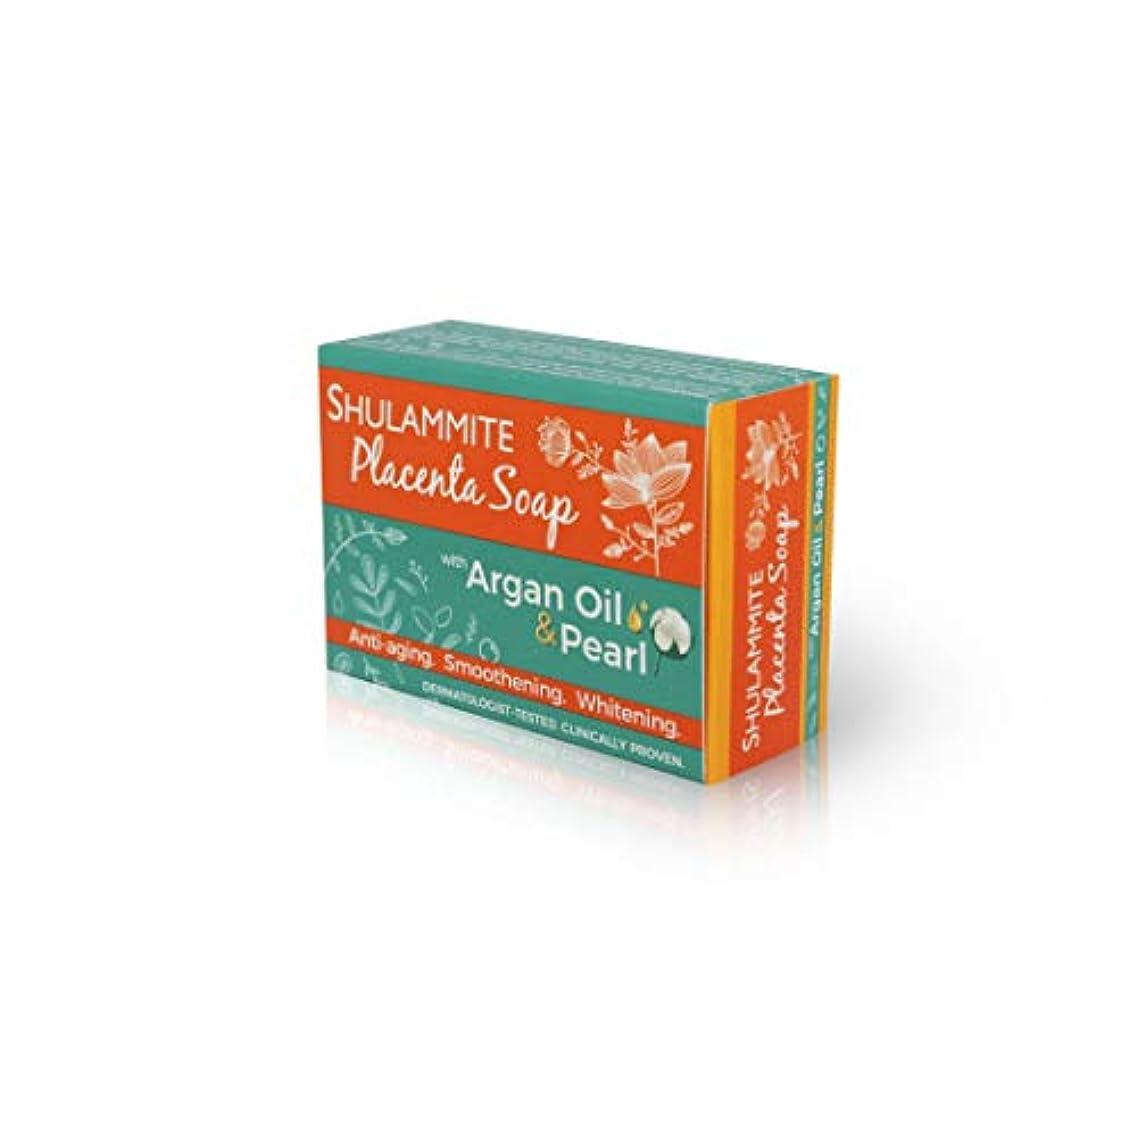 生まれループパズルSHULAMMITE Placenta Soap with Argan Oil & Pearl/アルガンオイル&パール配合ソープ150g